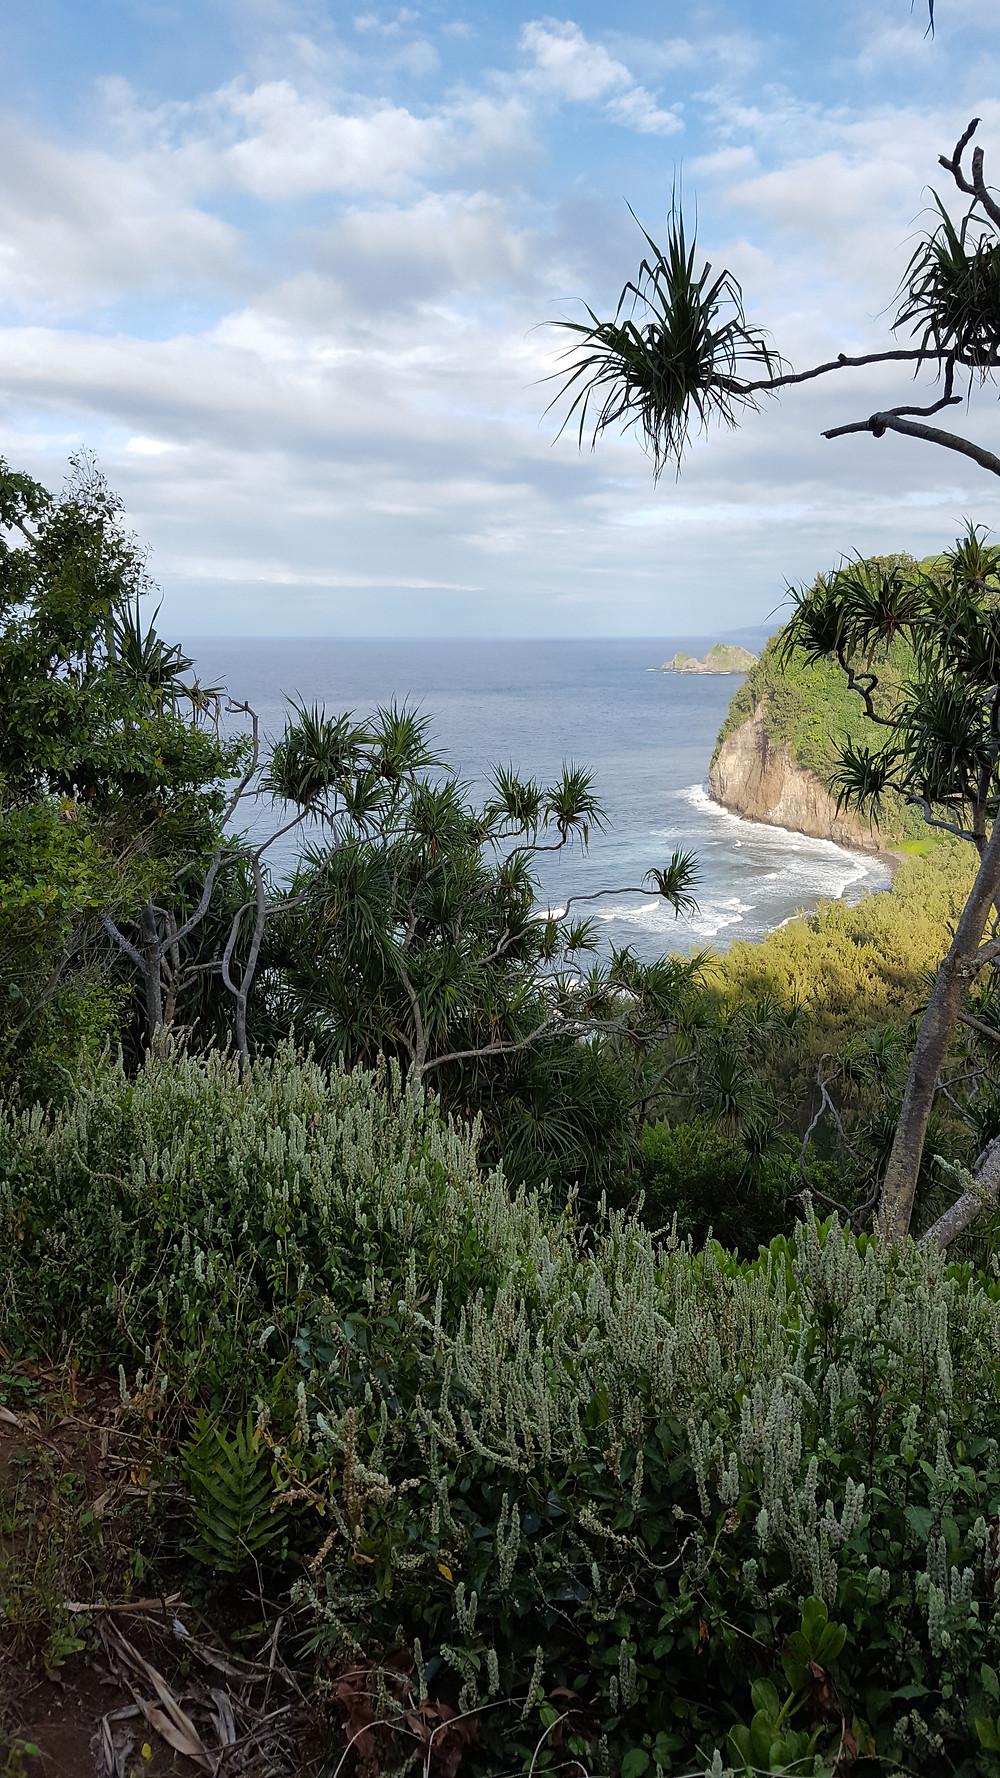 Vaiva Rykstaite, Pirmakart mama, knyga, supermama, Havajai, rasytoja, keliauju su vaikais, ekologija, emigrante, kauai,, atostogos havajuose, lankytinos vietos, aloha